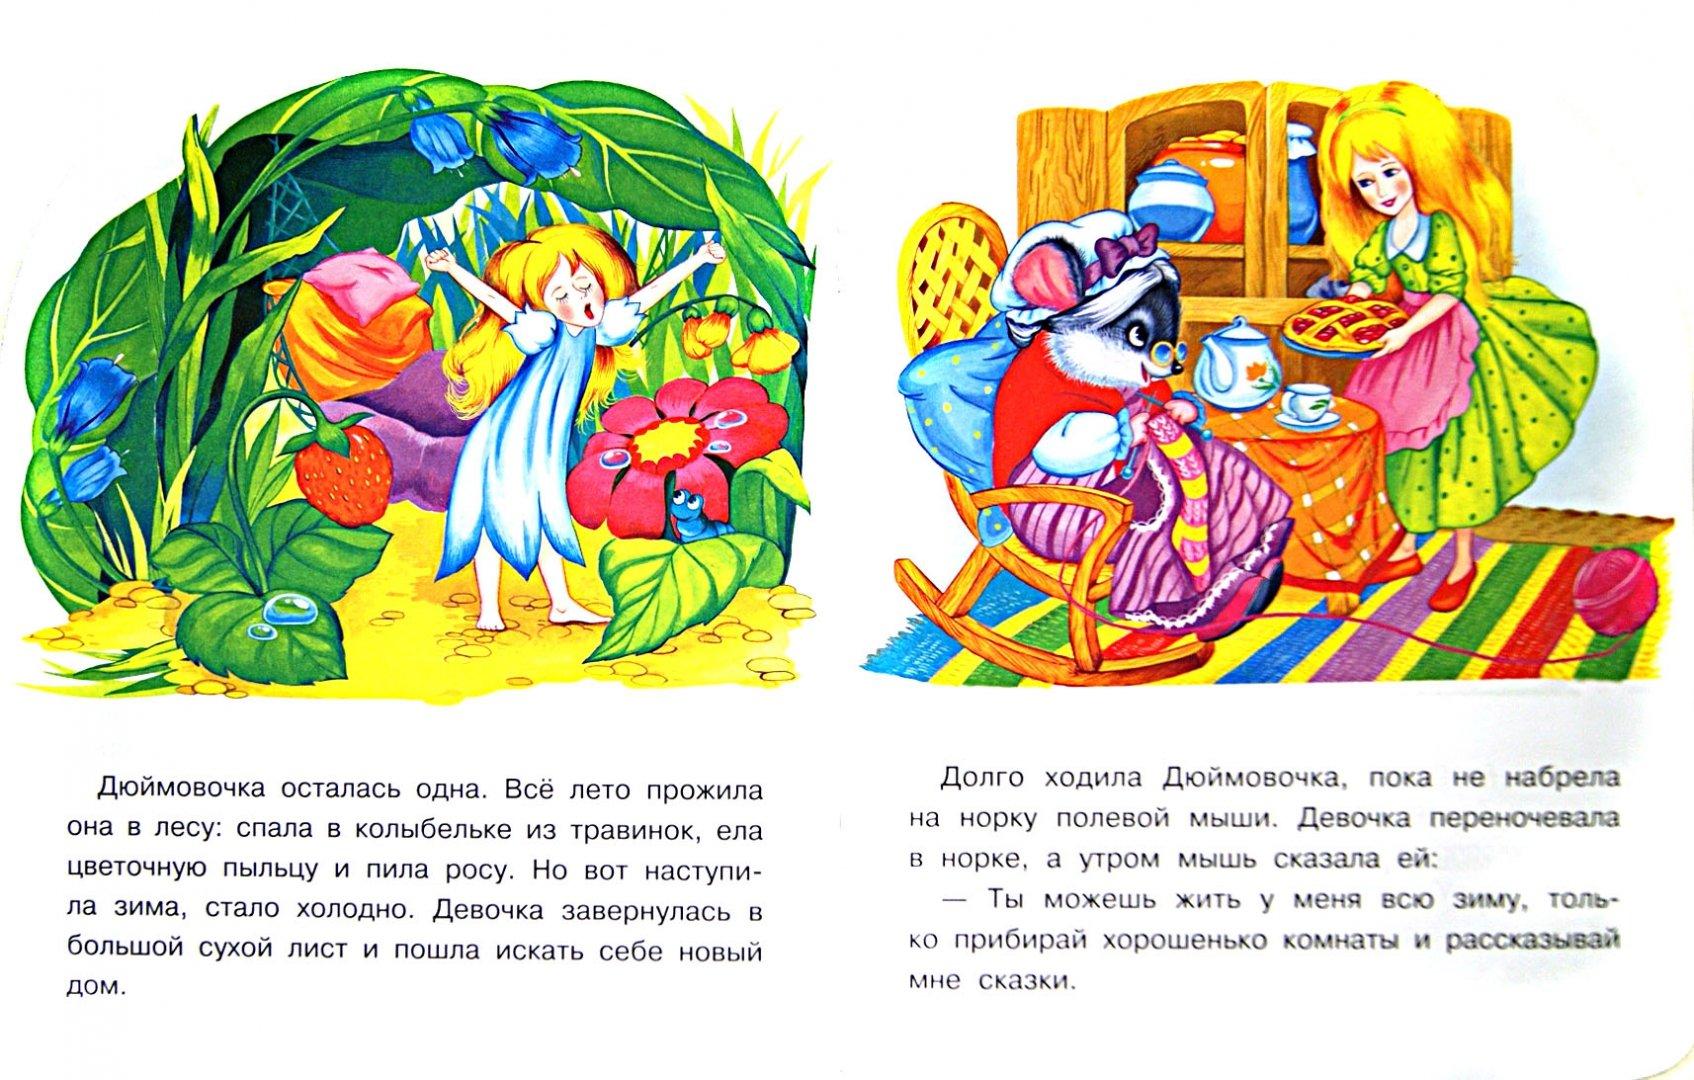 Иллюстрация 1 из 6 для Дюймовочка | Лабиринт - книги. Источник: Лабиринт